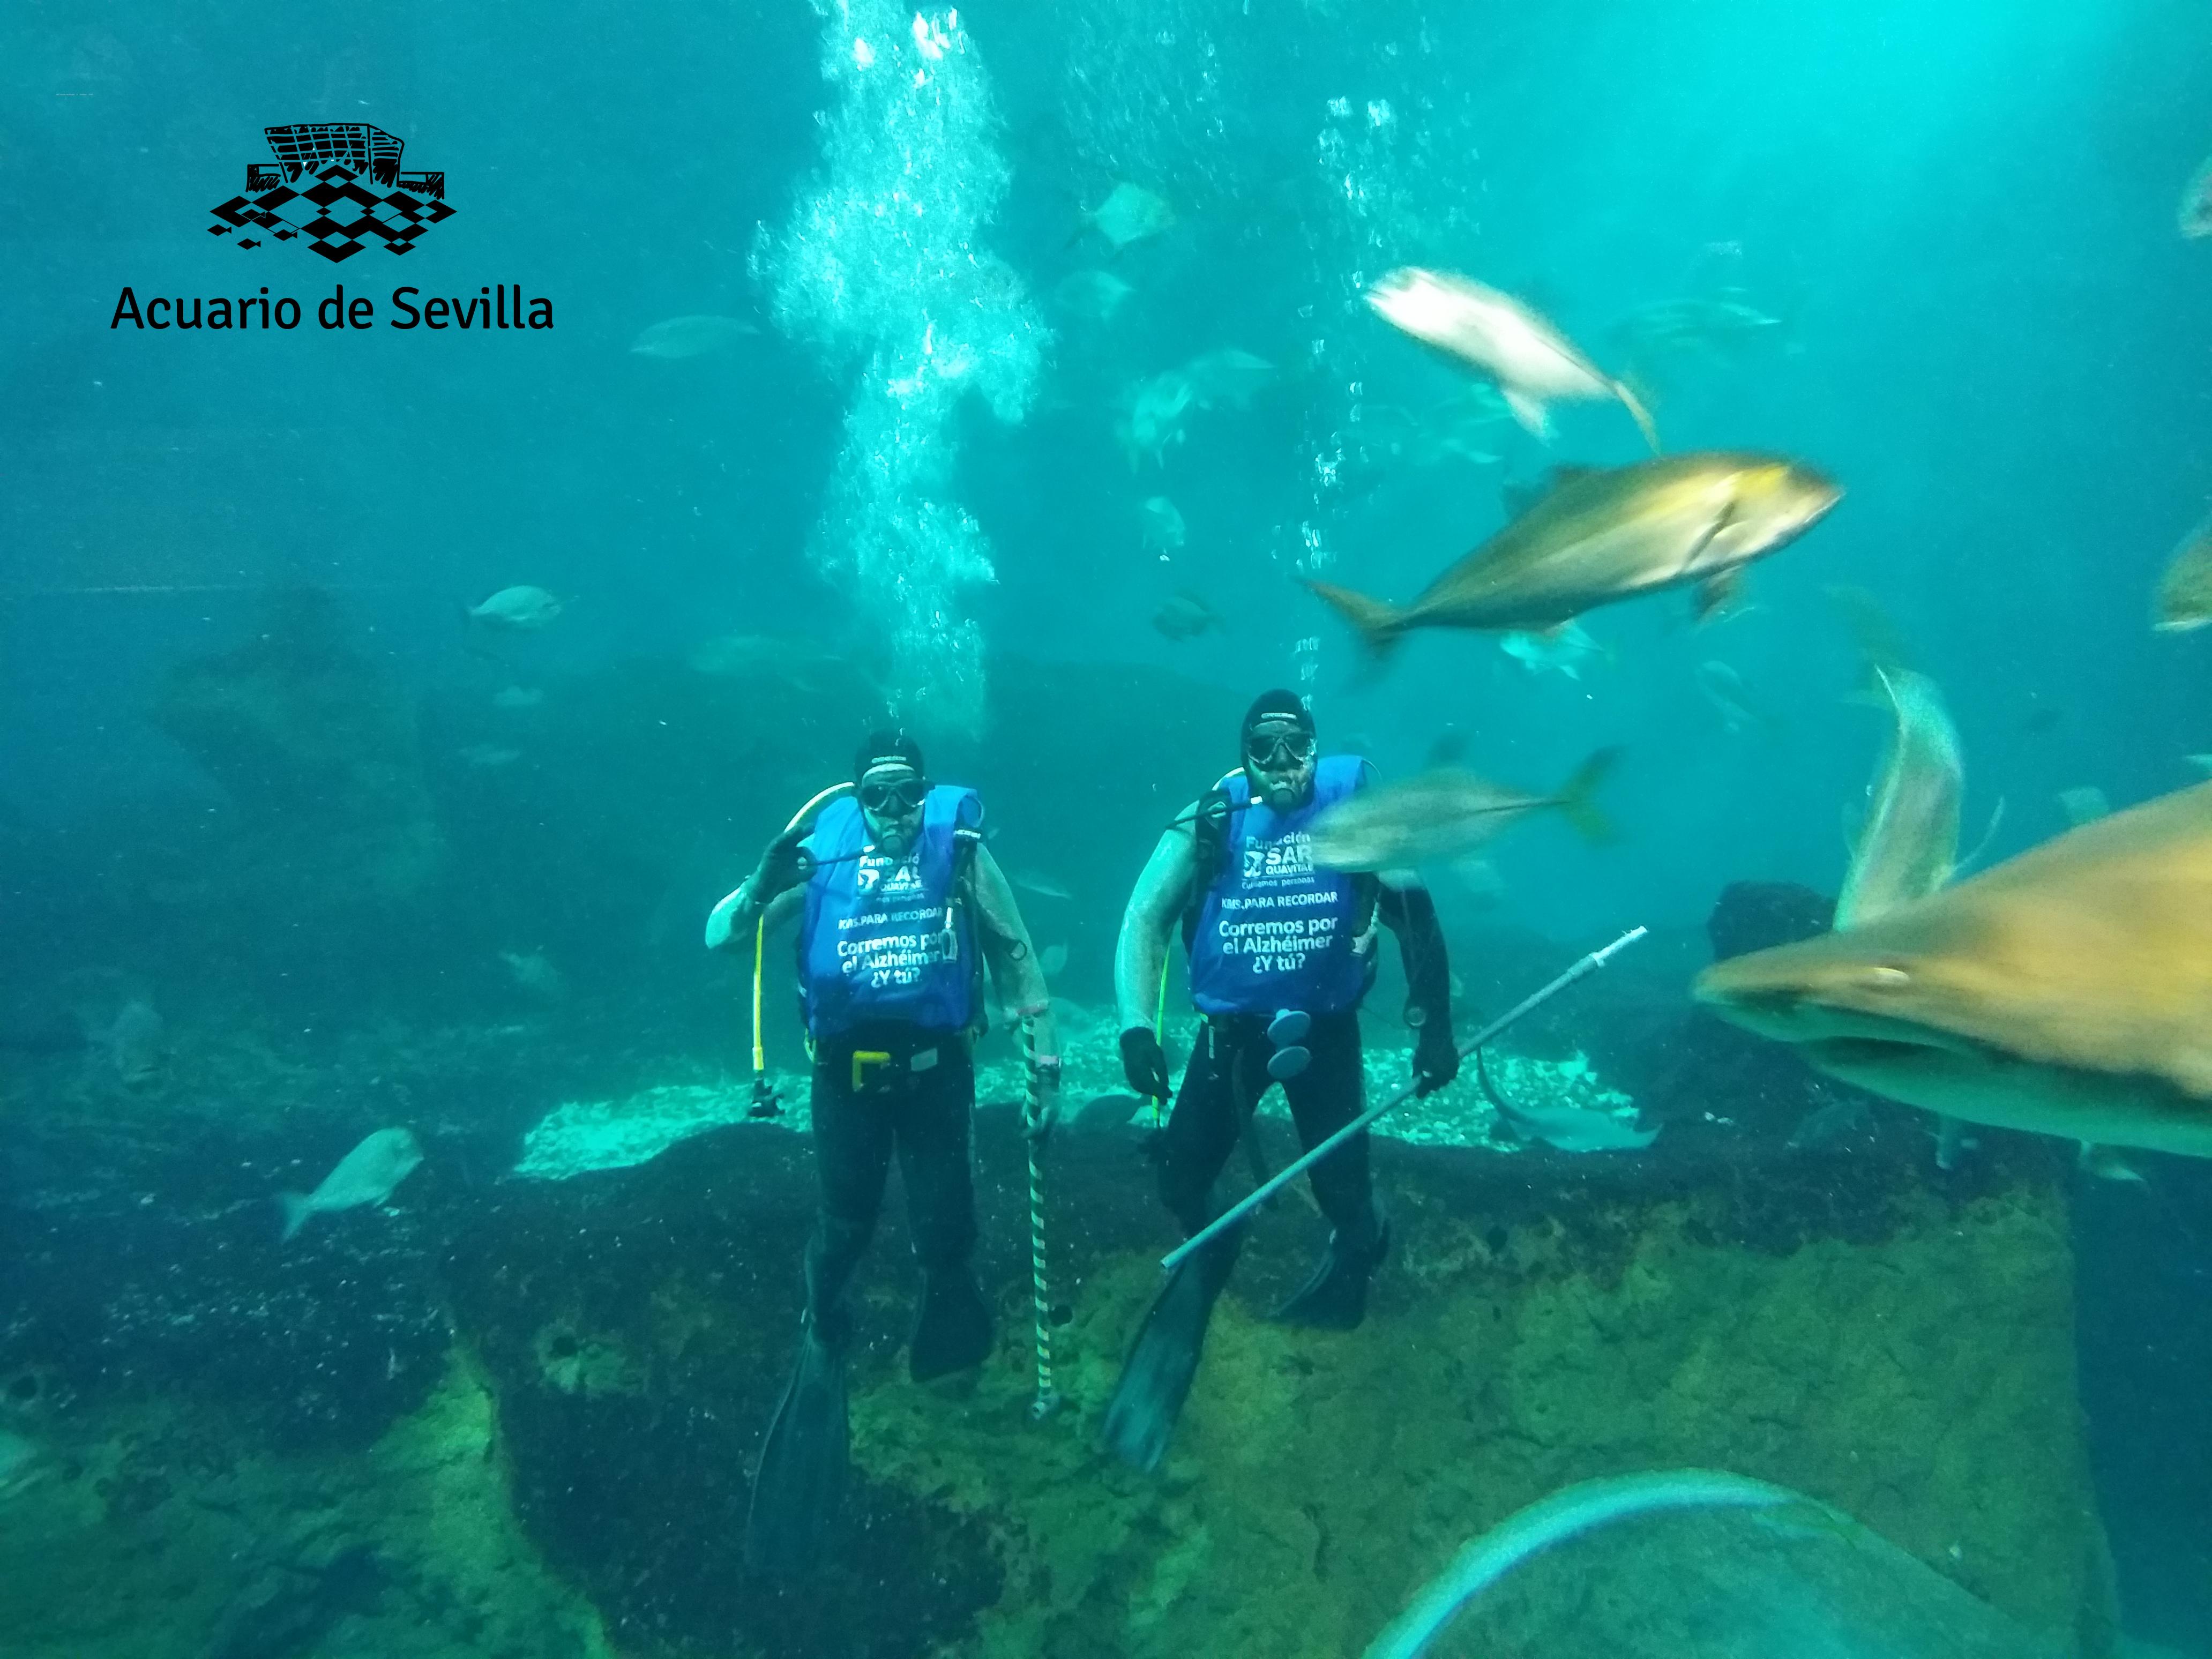 acuario de sevilla kms3